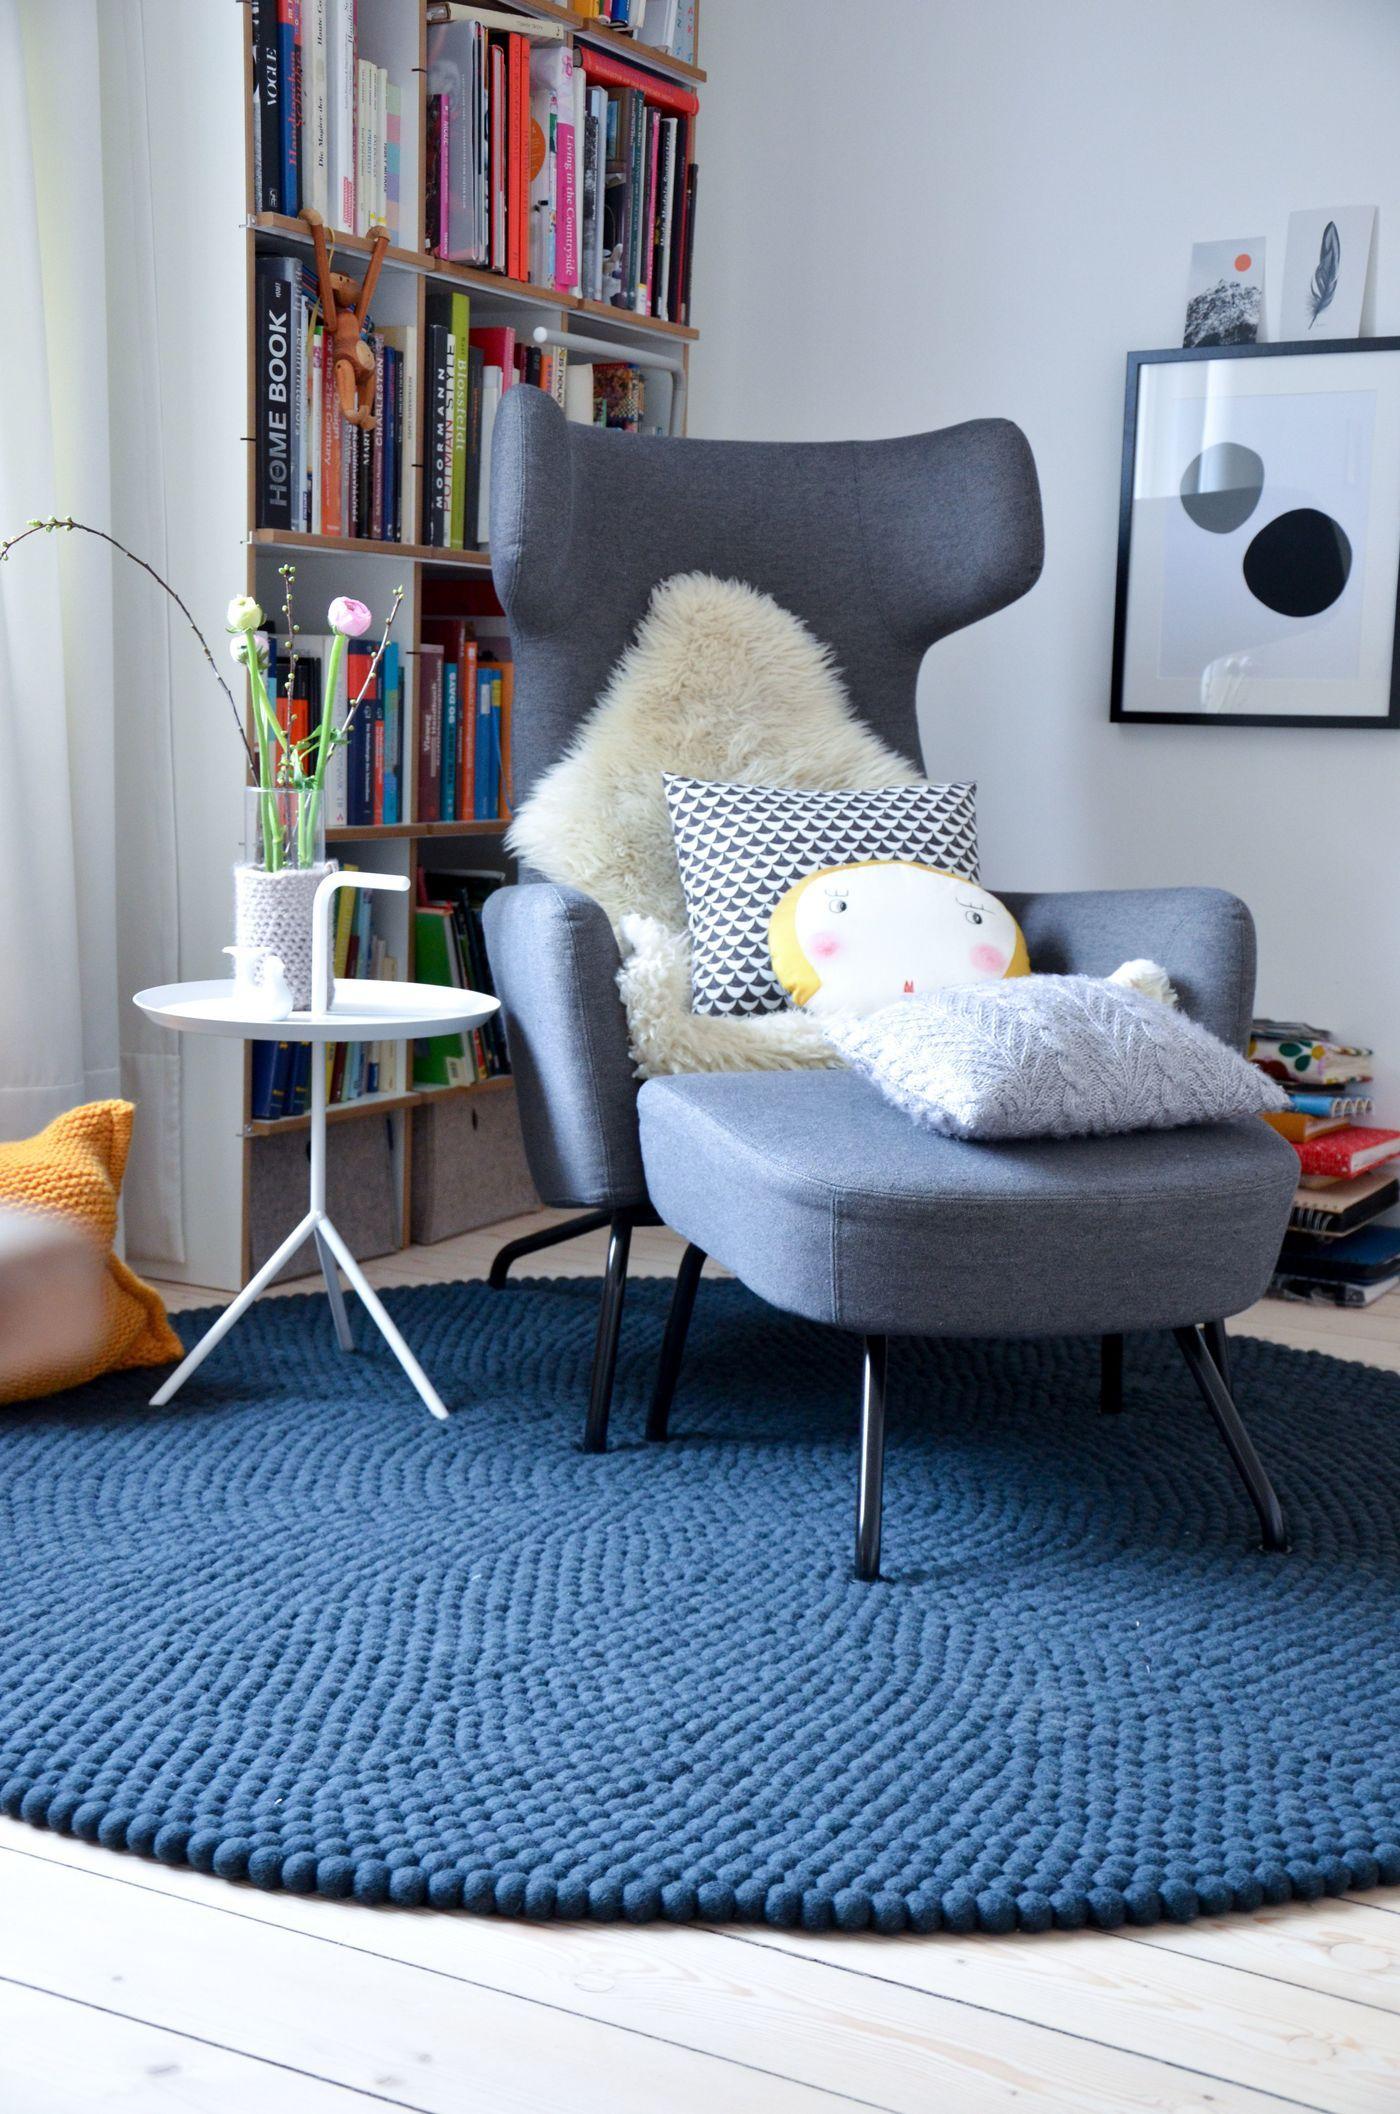 Leseecke Gestalten Wohnzimmer Einrichtung Wohnzimmer Wohnzimmer